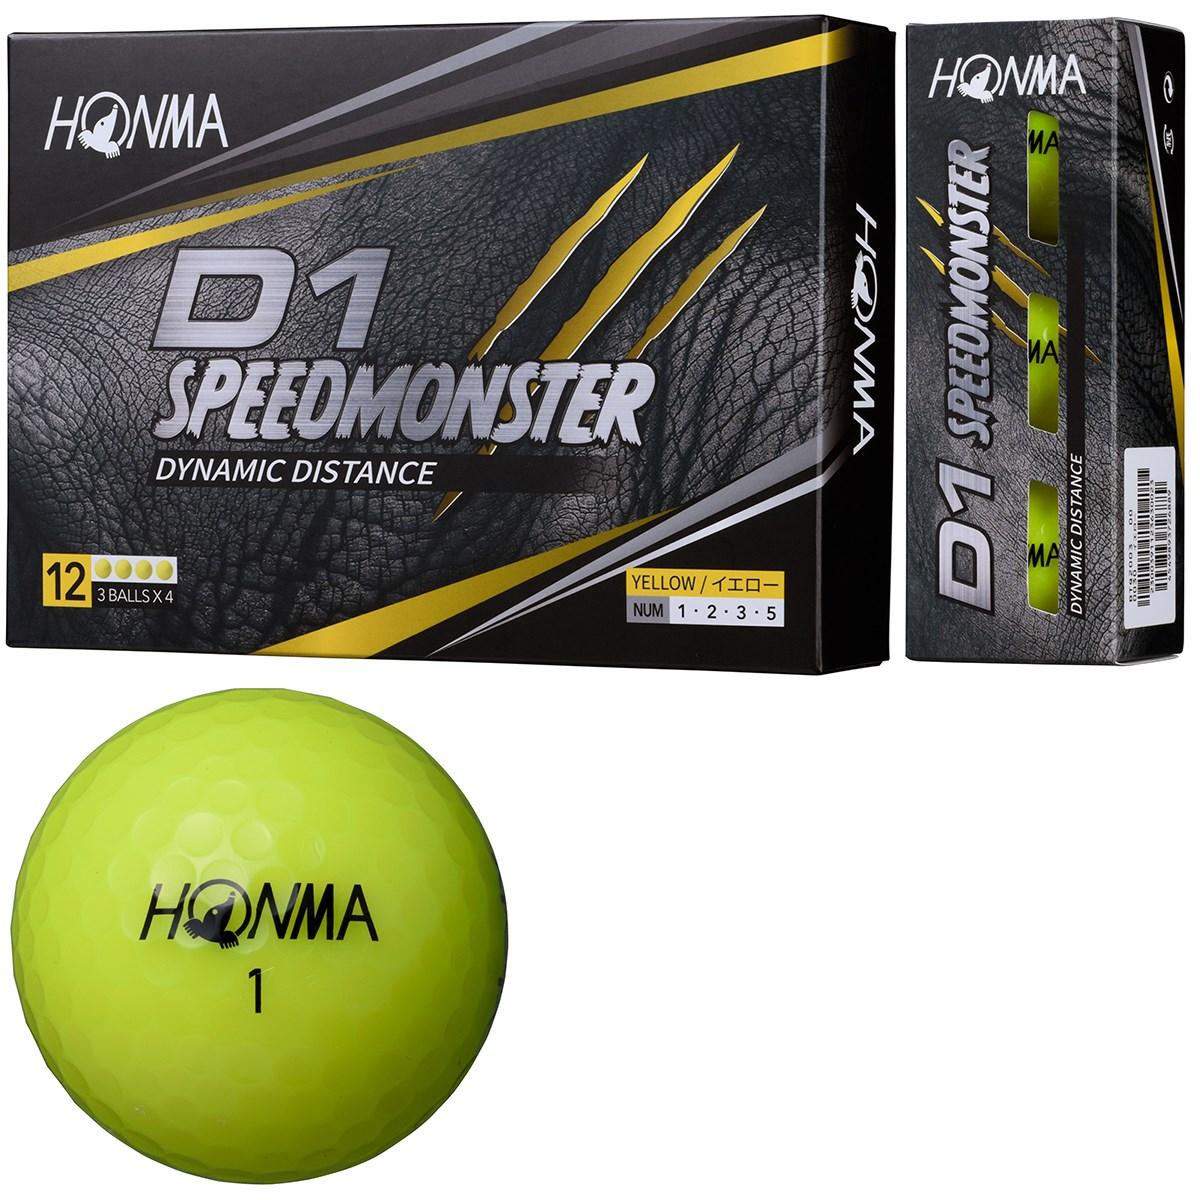 本間ゴルフ HONMA D1 スピードモンスター ボール 5ダースセット 5ダース(60個入り) イエロー